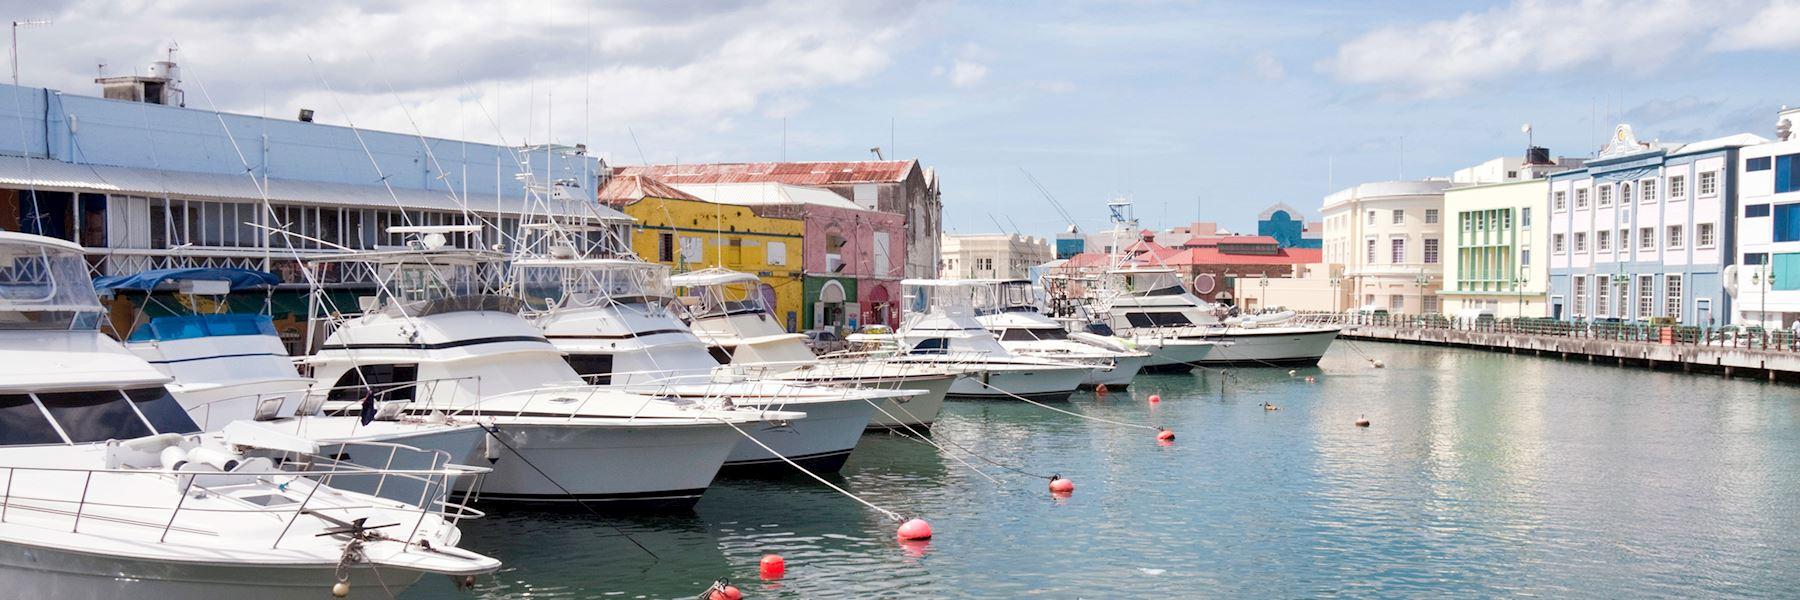 Visit Bridgetown, Barbados